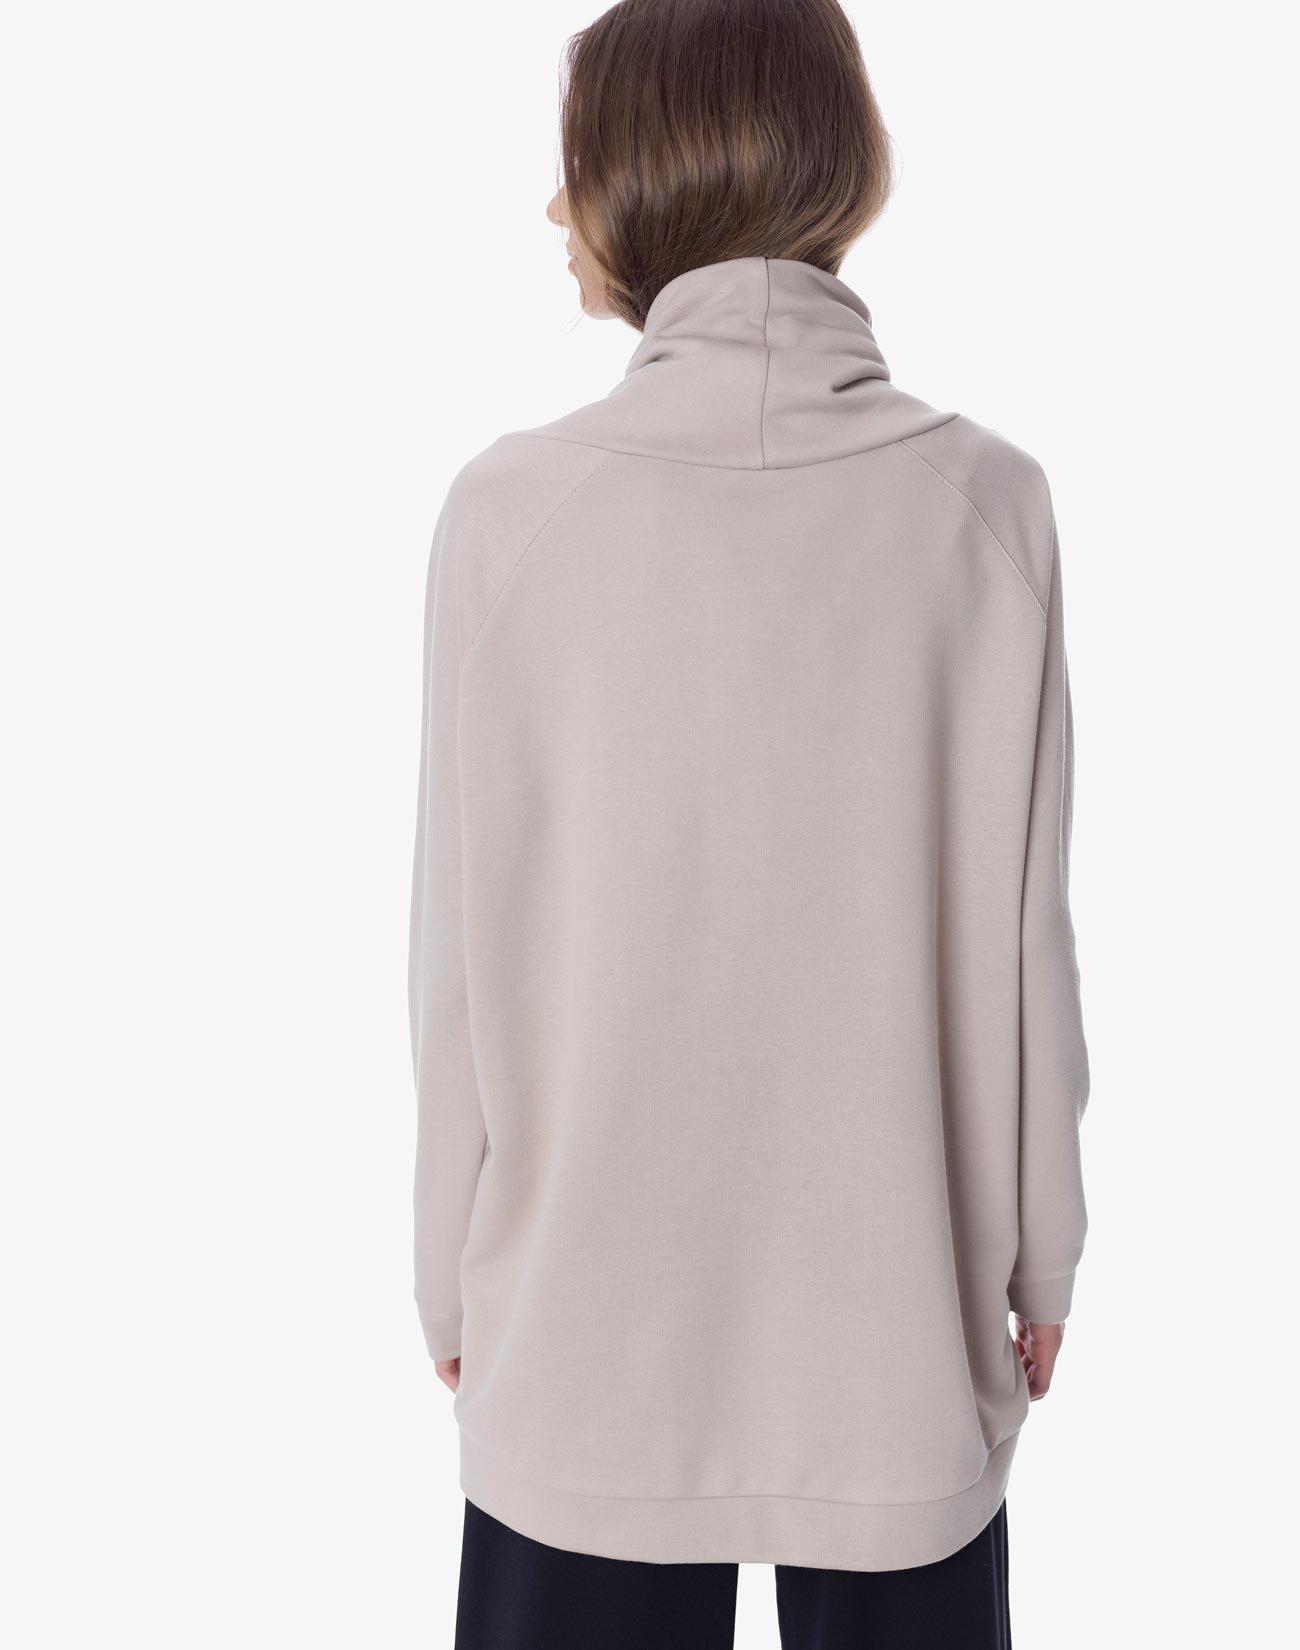 Sweatshirt with high neck